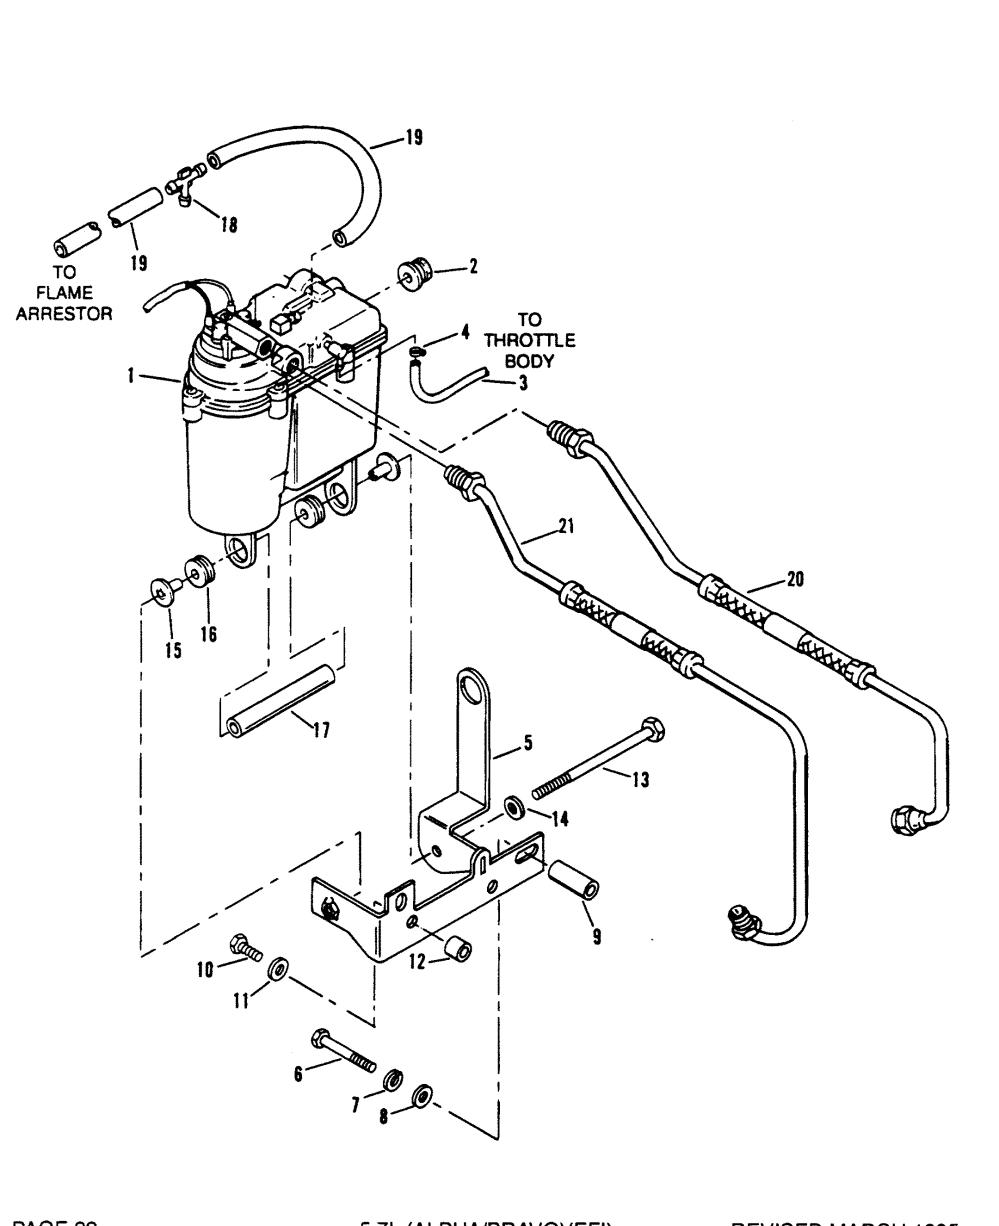 medium resolution of 2005 kia sorento fuse box diagram